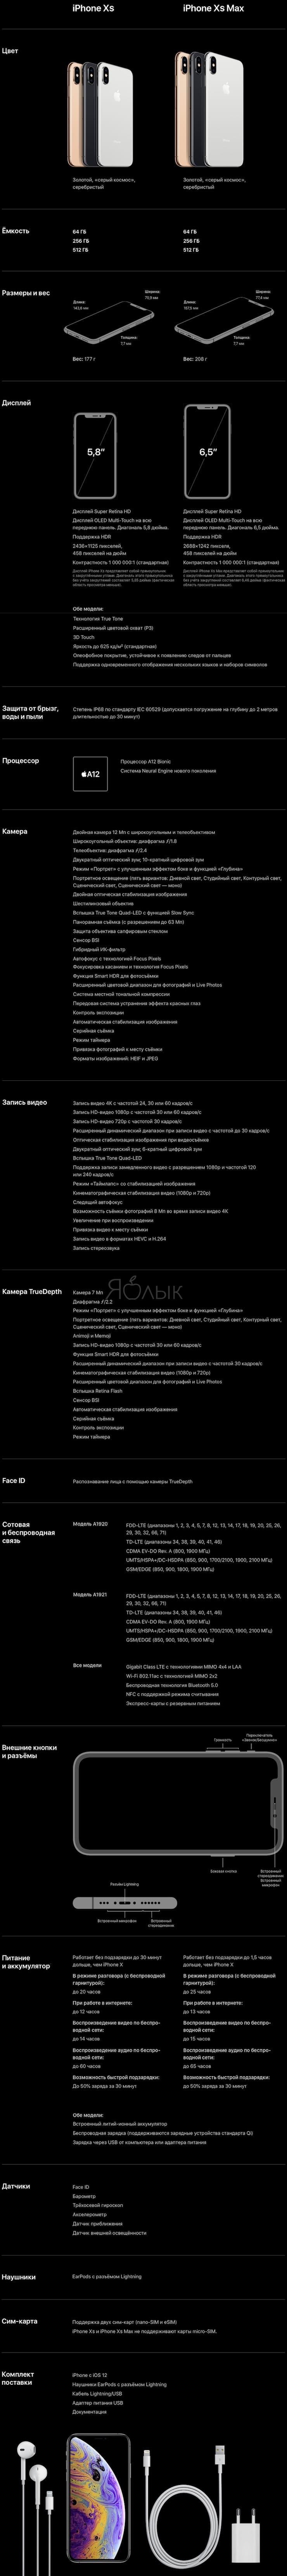 Технические характеристики (спецификации)iPhone Xs и iPhone Xs Max